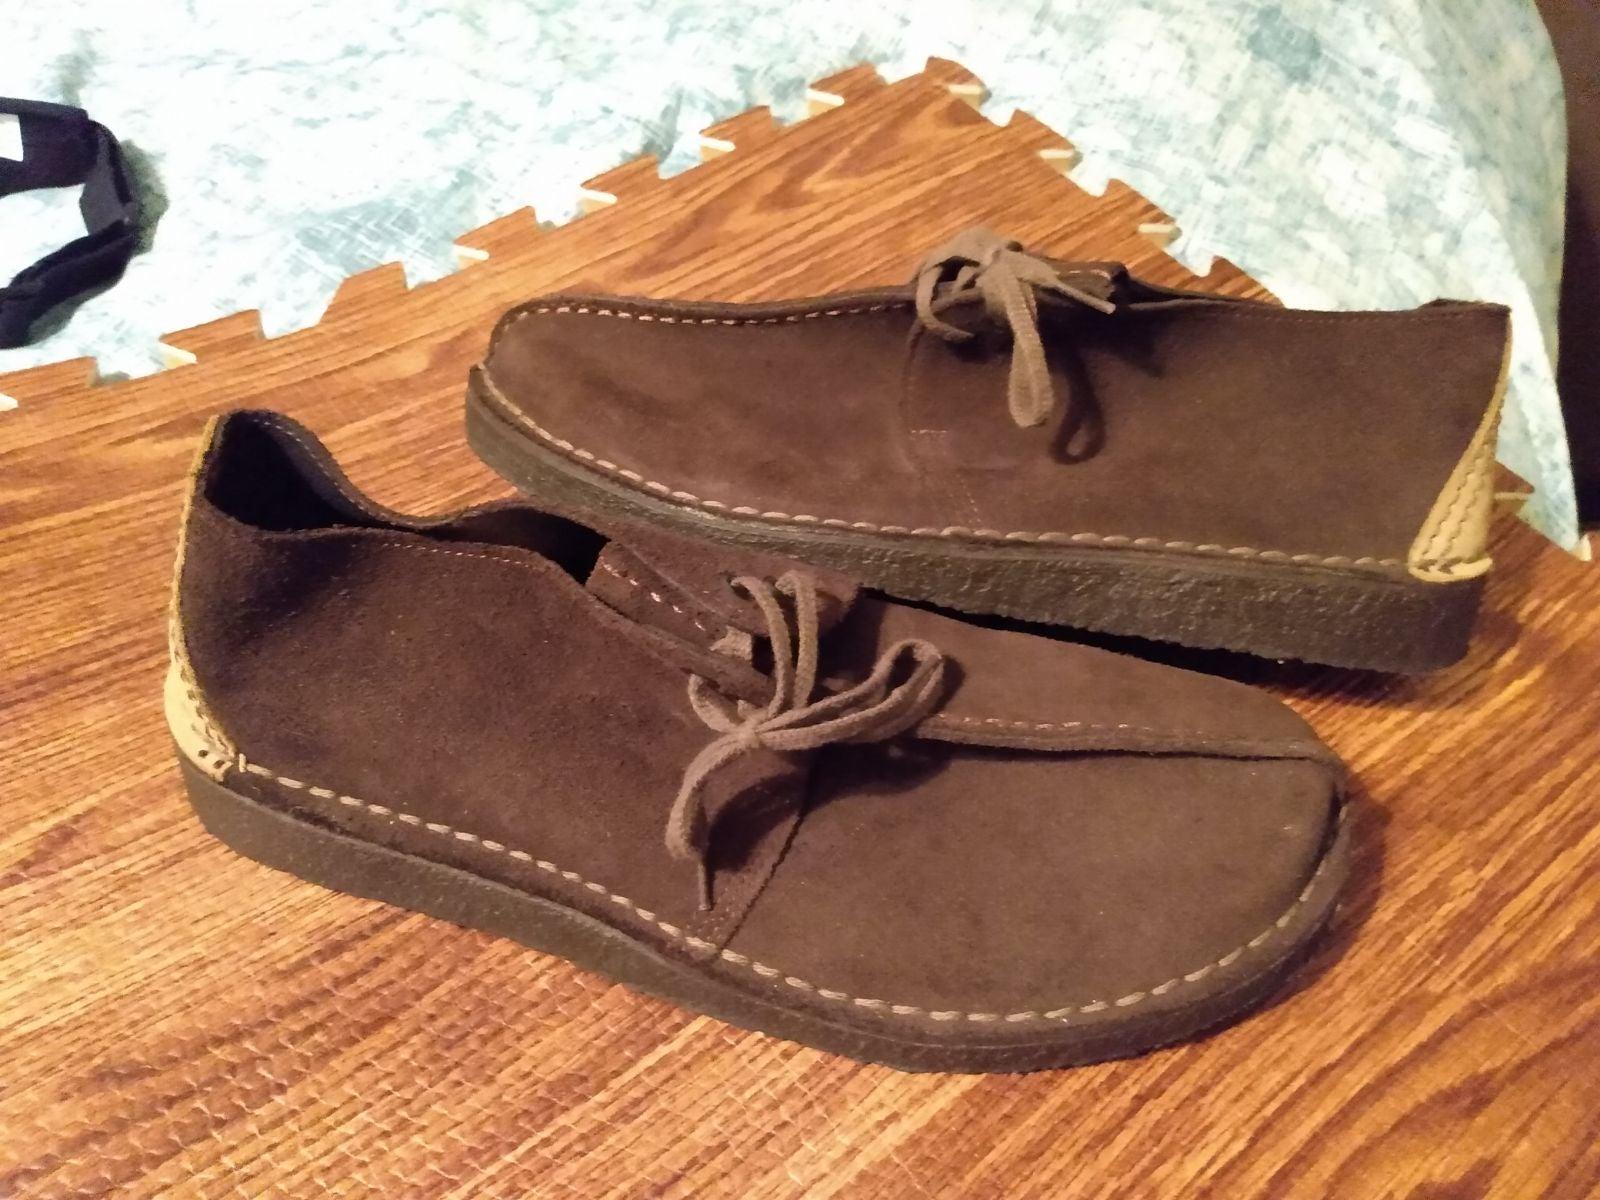 Clarks desert trek shoes size 10